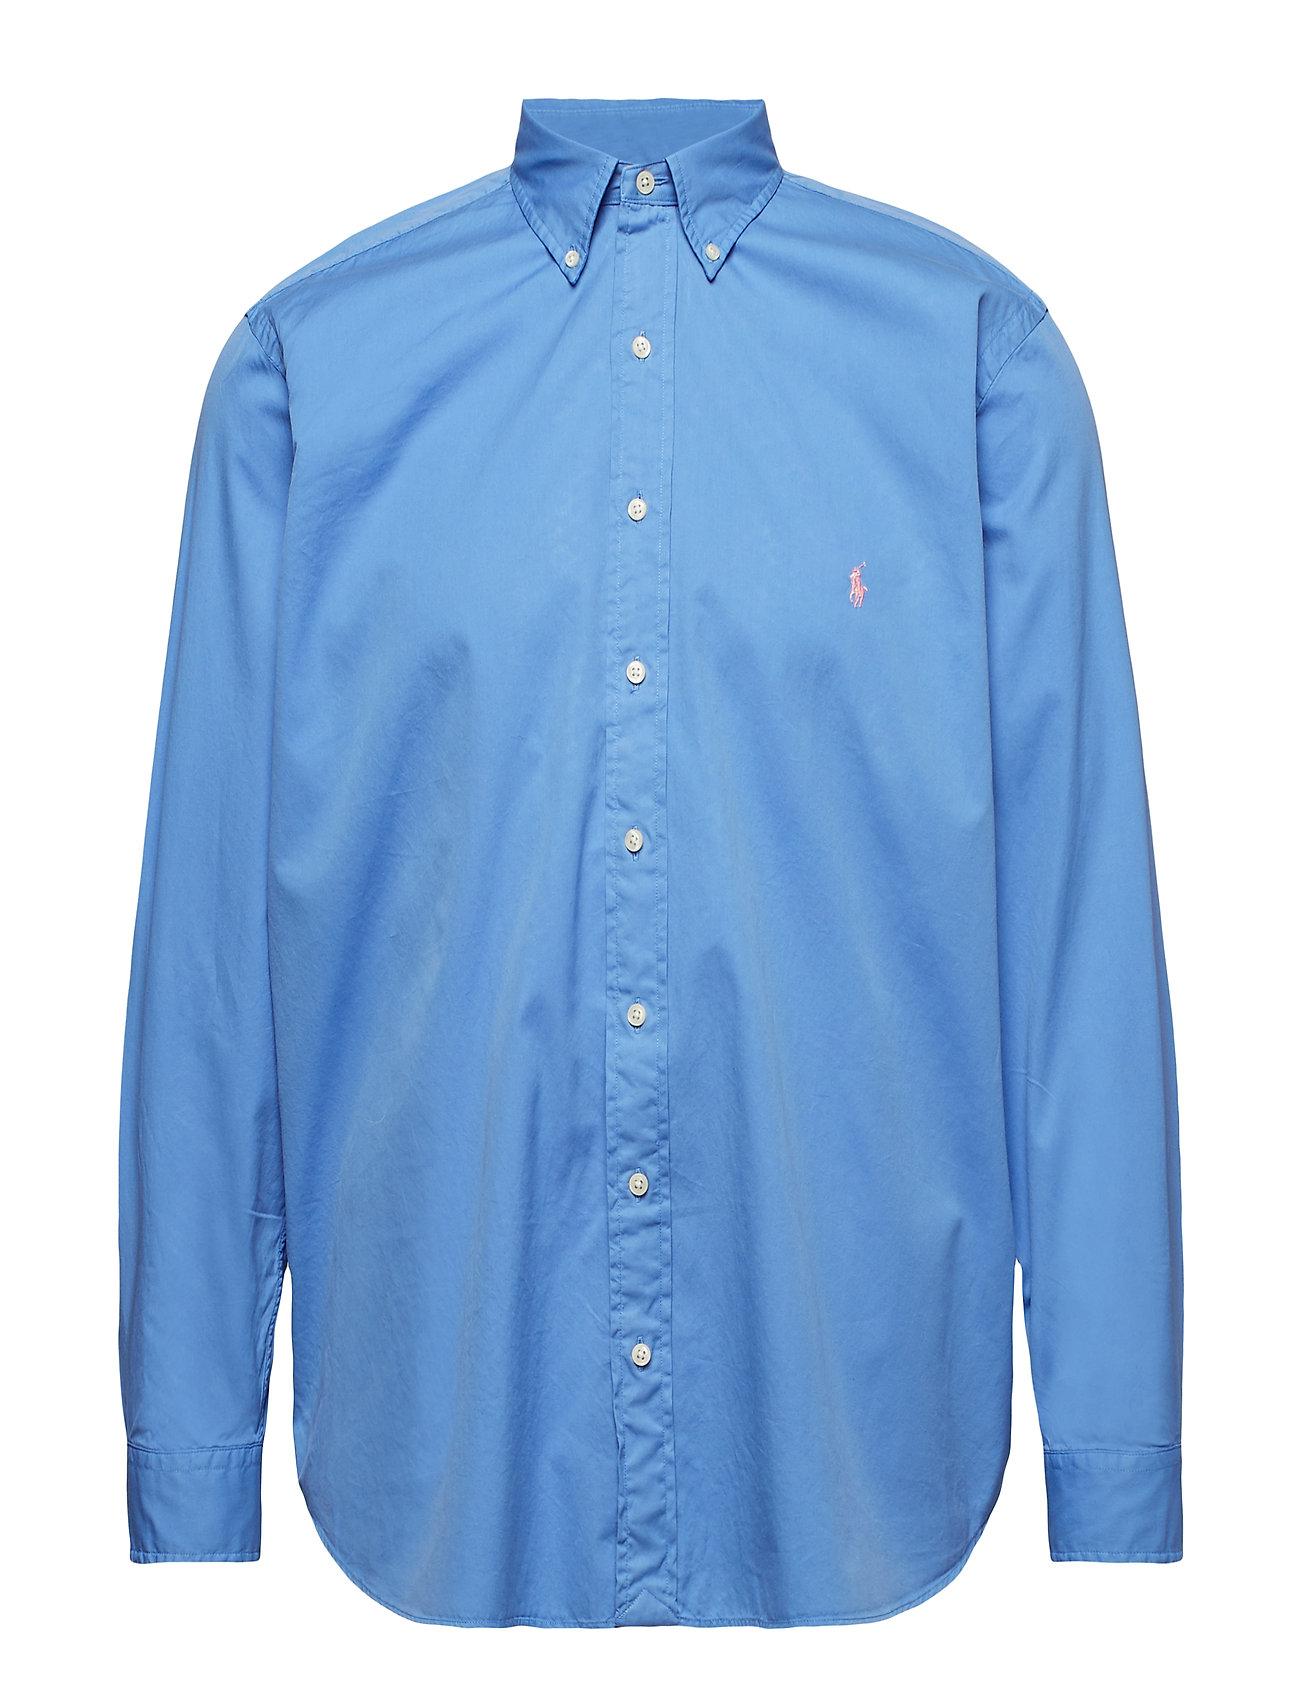 Polo Ralph Lauren Big & Tall Classic Fit Twill Shirt - HARBOR ISLAND BLU